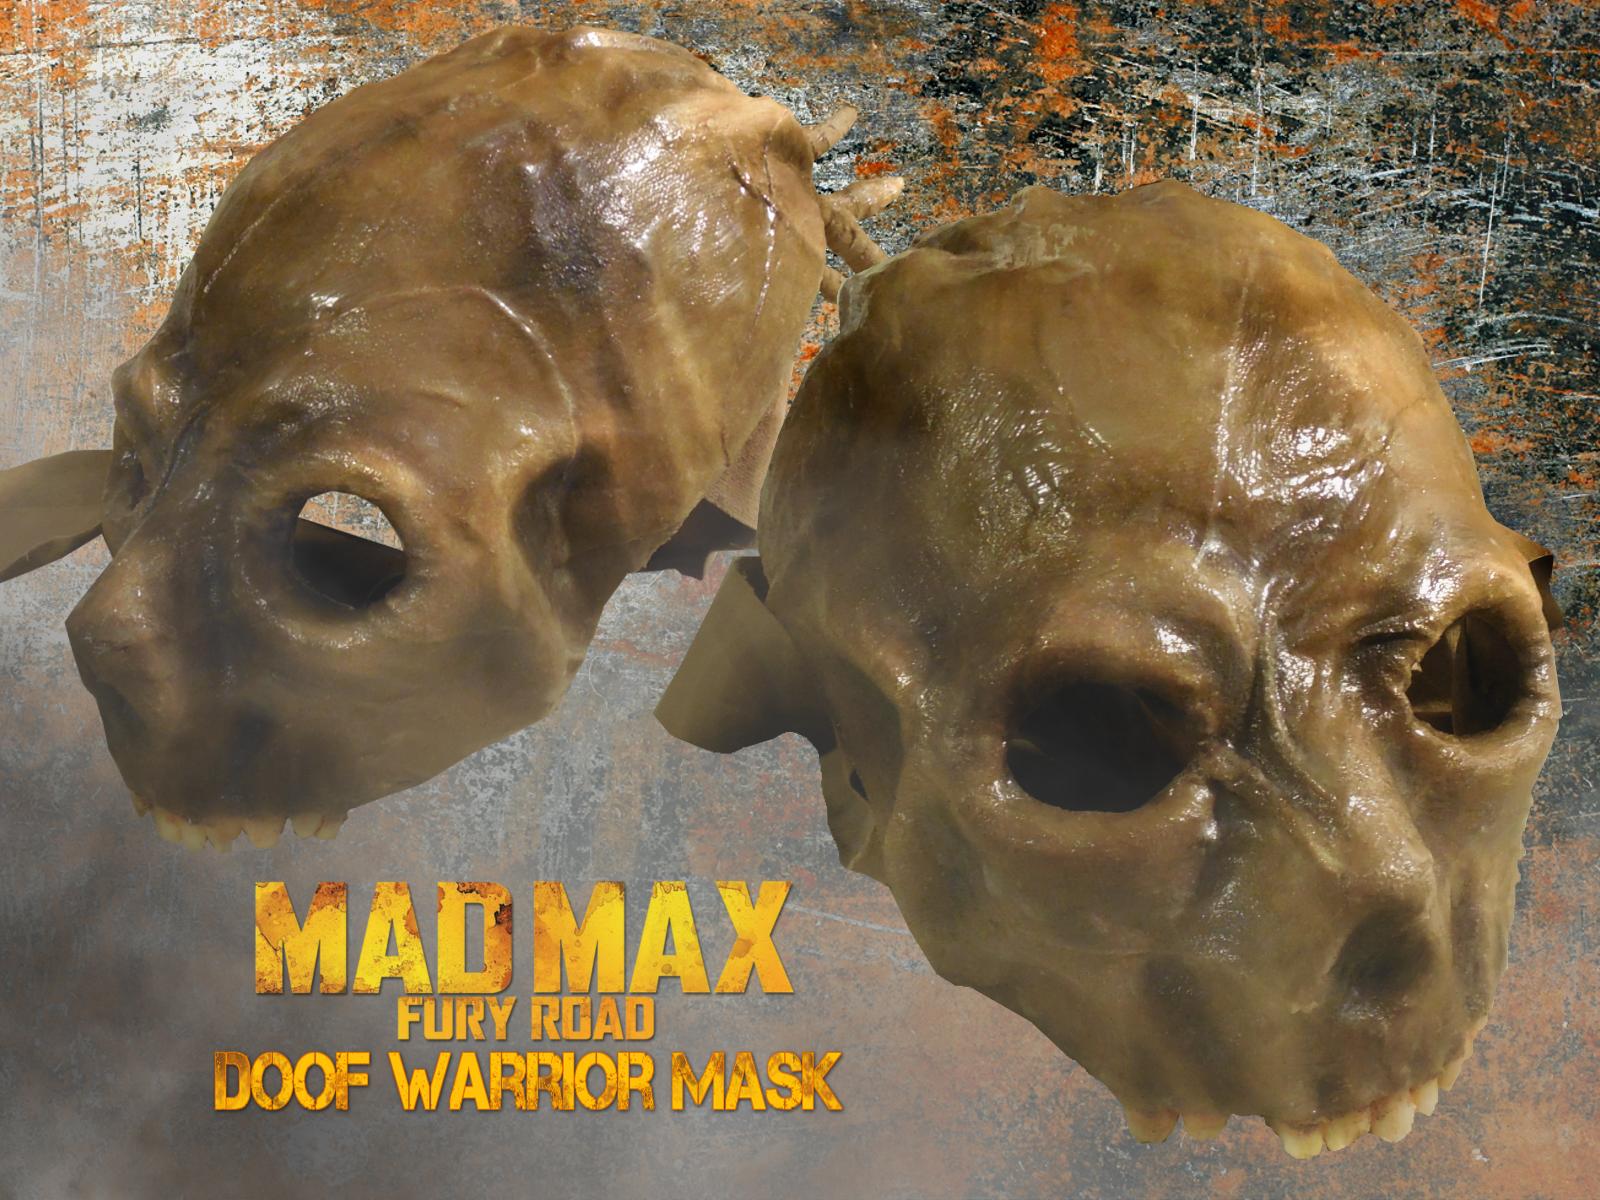 Doof Warrior